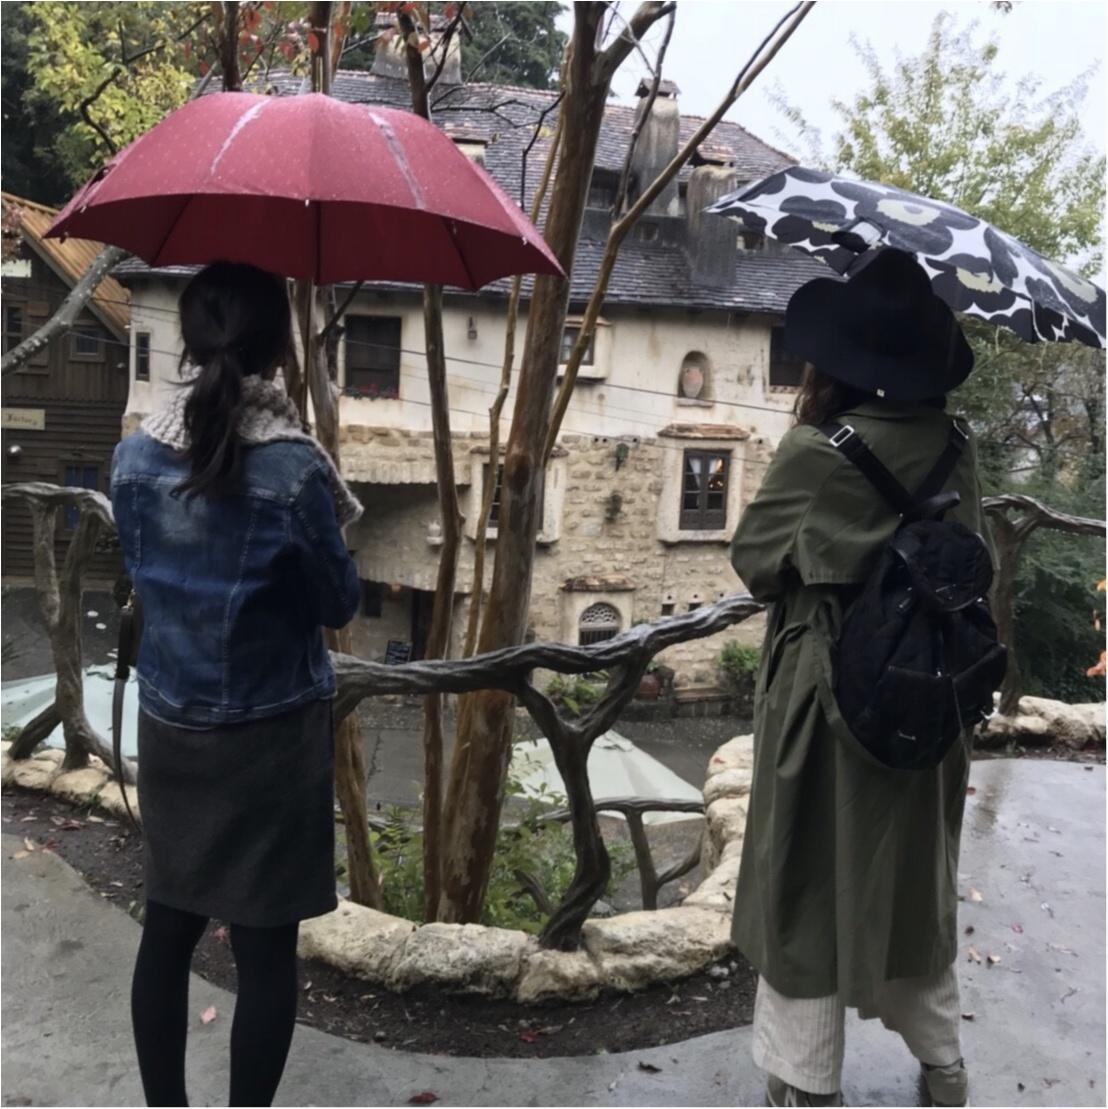 【静岡・浜松】こんなところに?!可愛すぎるおとぎの国のようなスポット〜♡_3